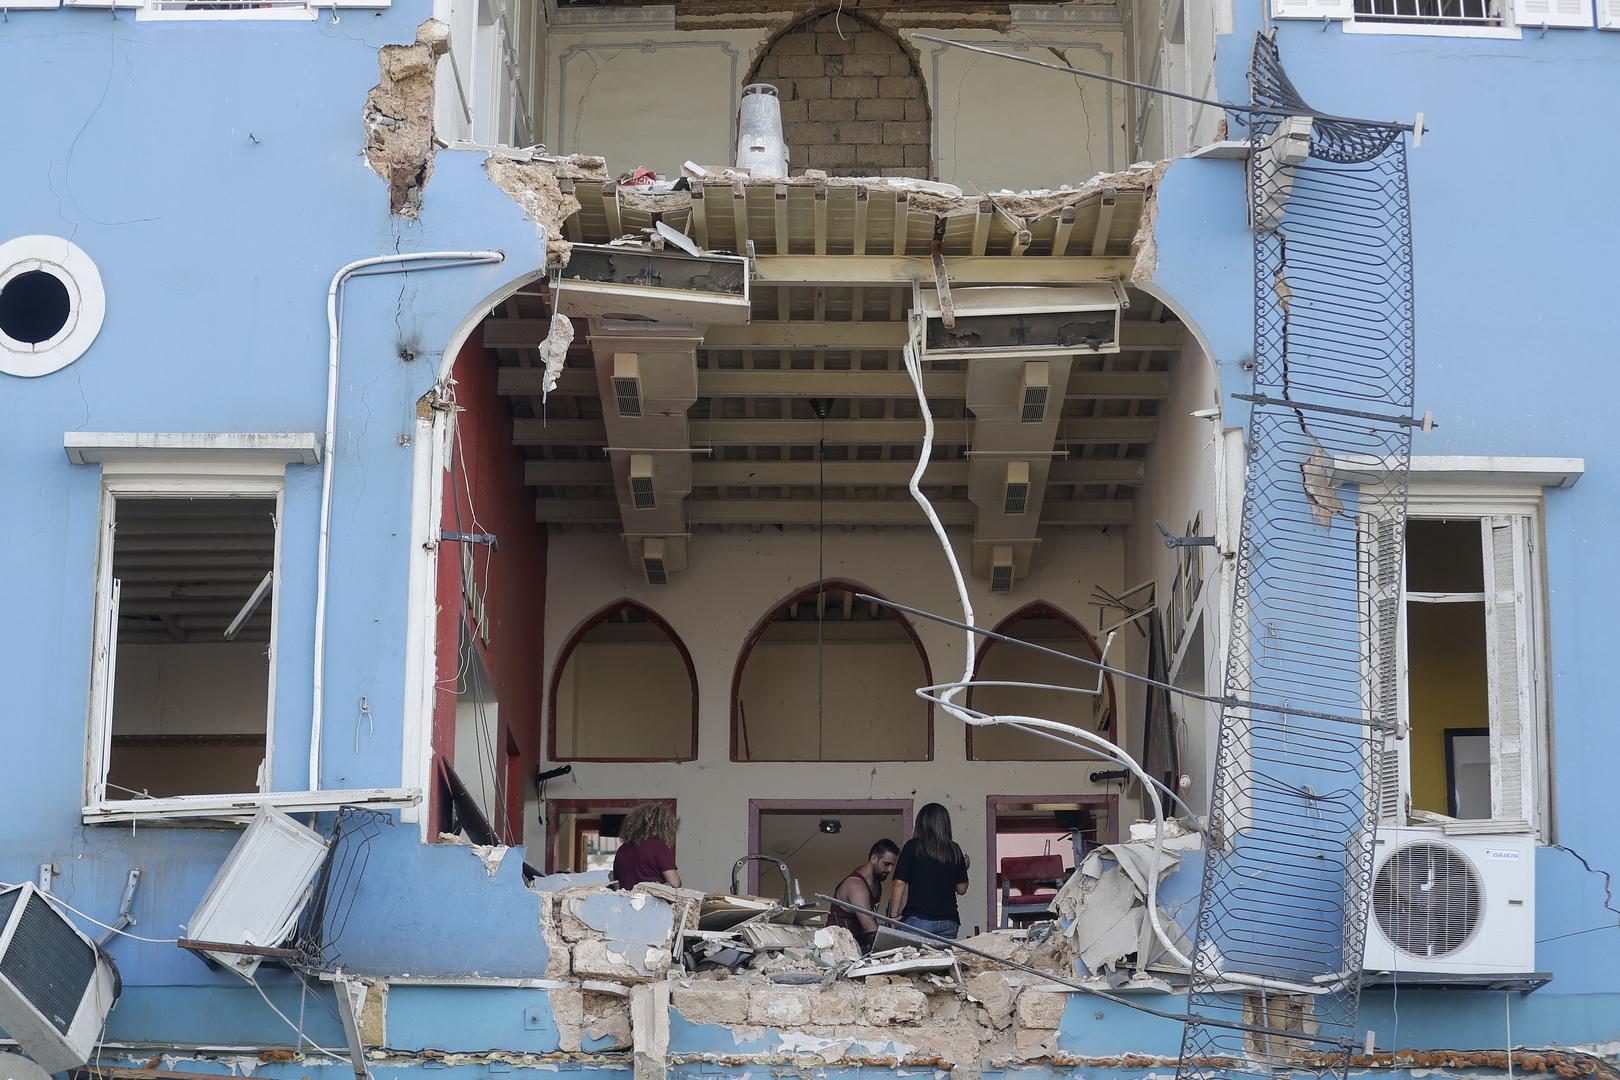 Ein libanesisches Ehepaar inspiziert die Schäden an ihrem Haus in einem Gebiet mit Blick auf den zerstörten Hafen von Beirut, das nach einer massiven Explosion in der libanesischen Hauptstadt zerstört worden war. 5. August 2020